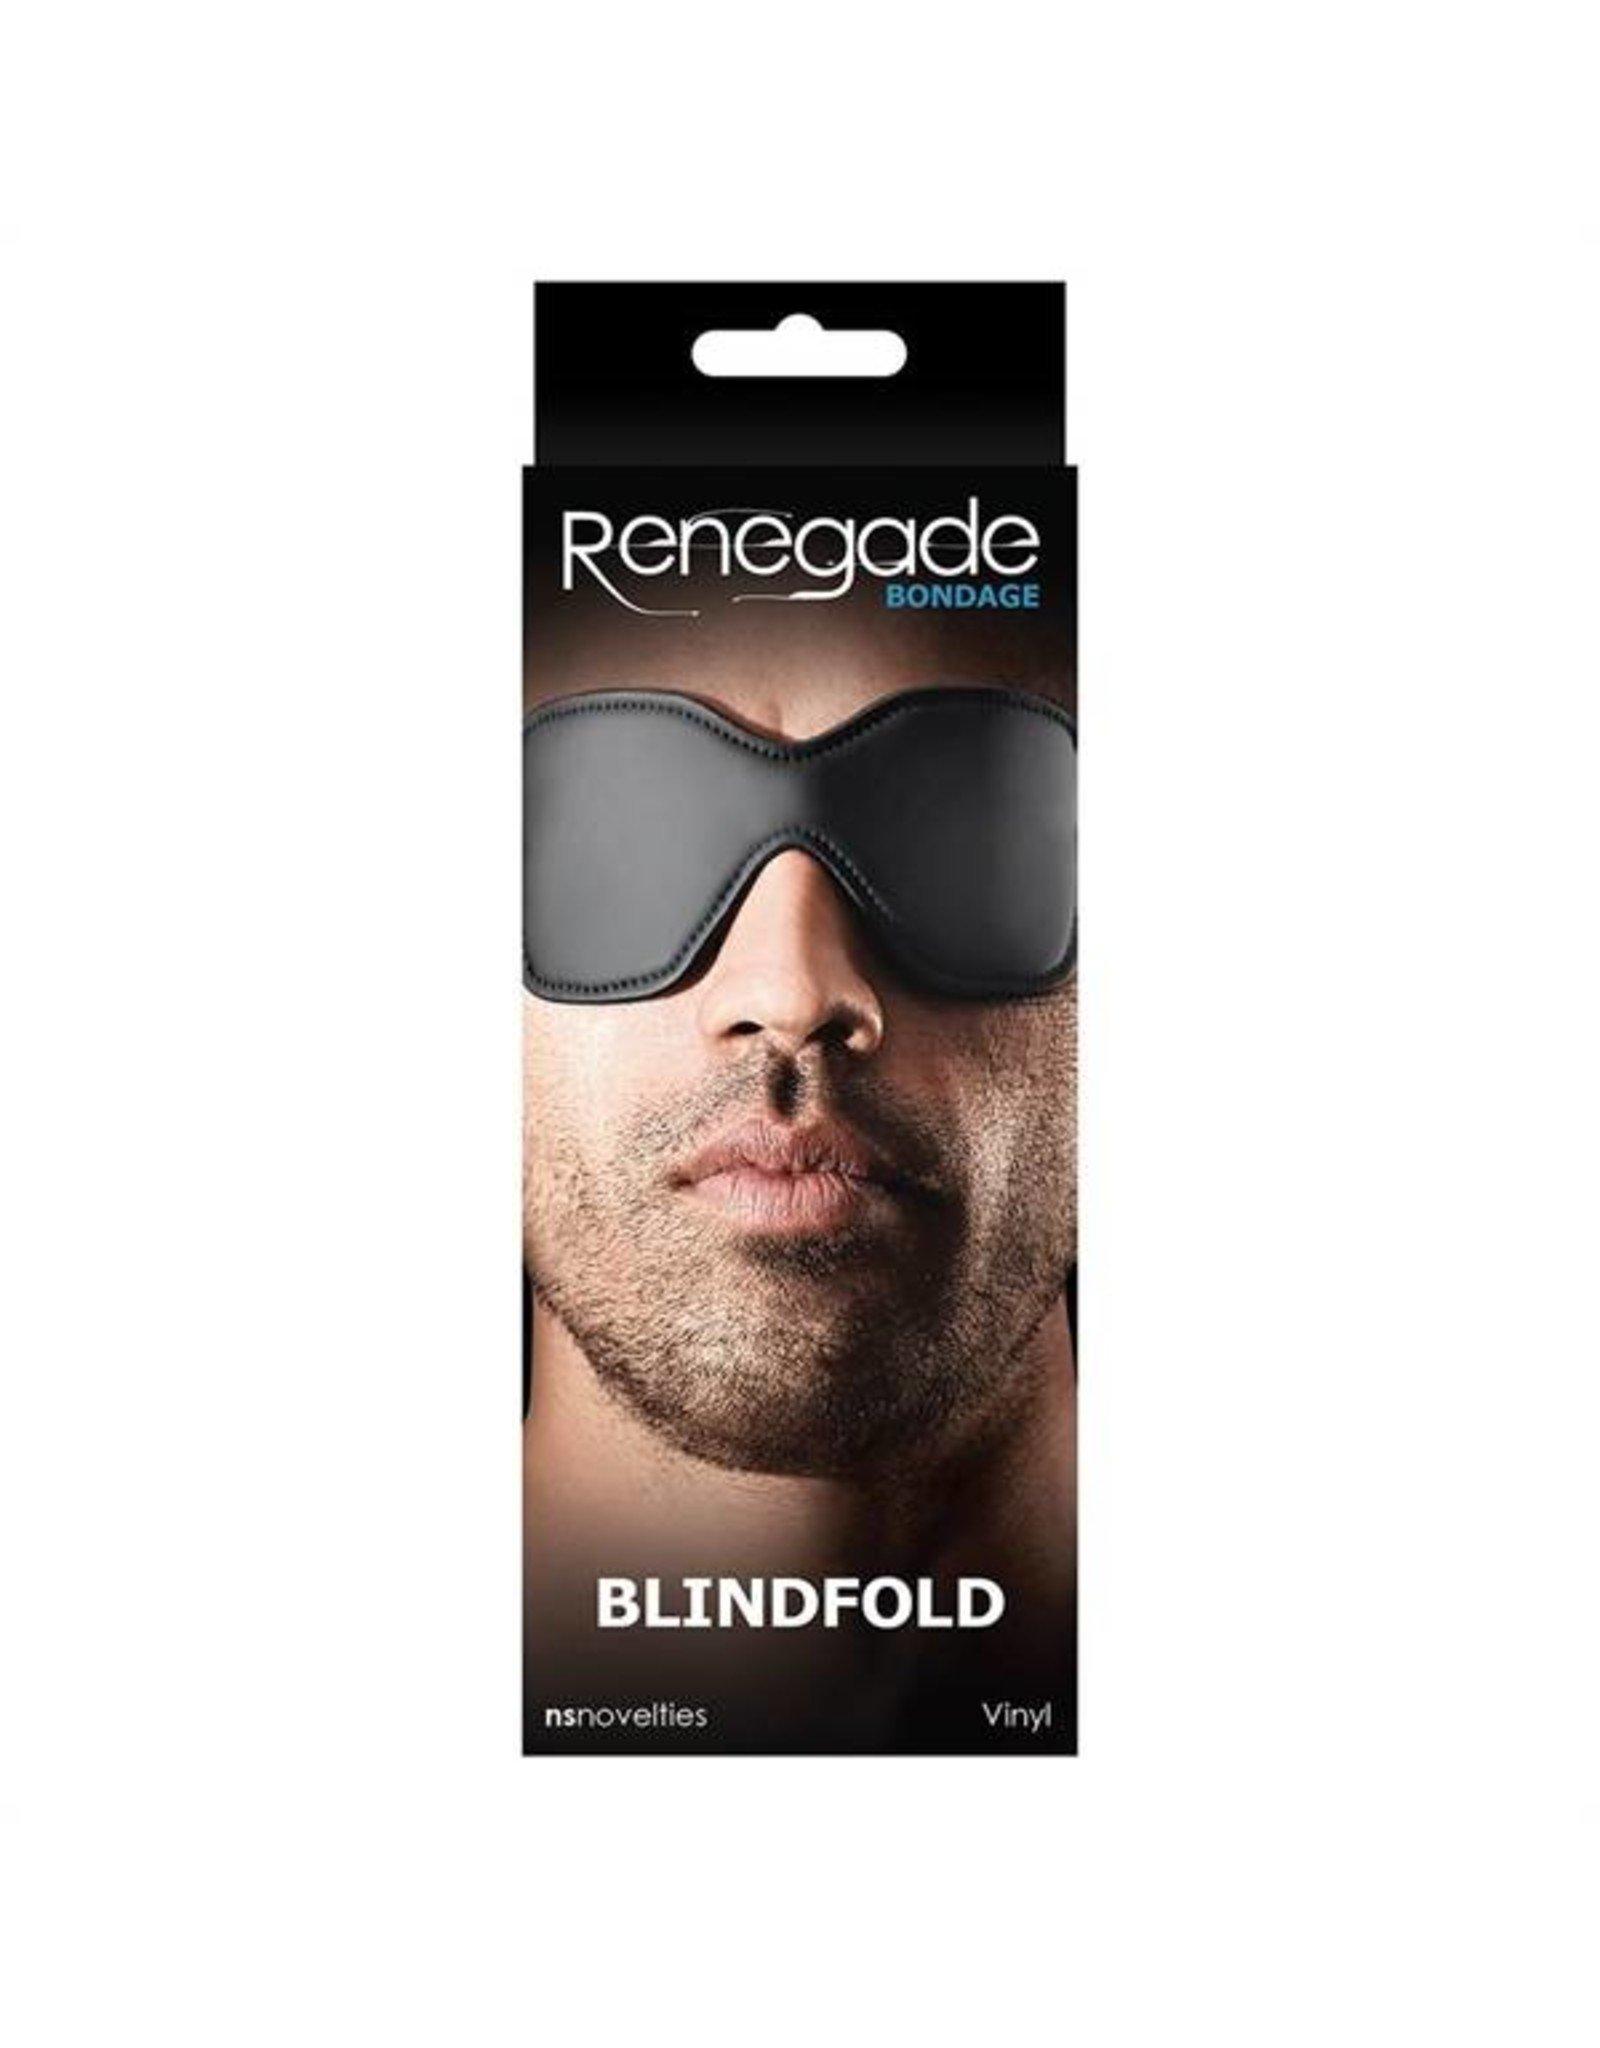 Renegade Bondage masque pour les yeux